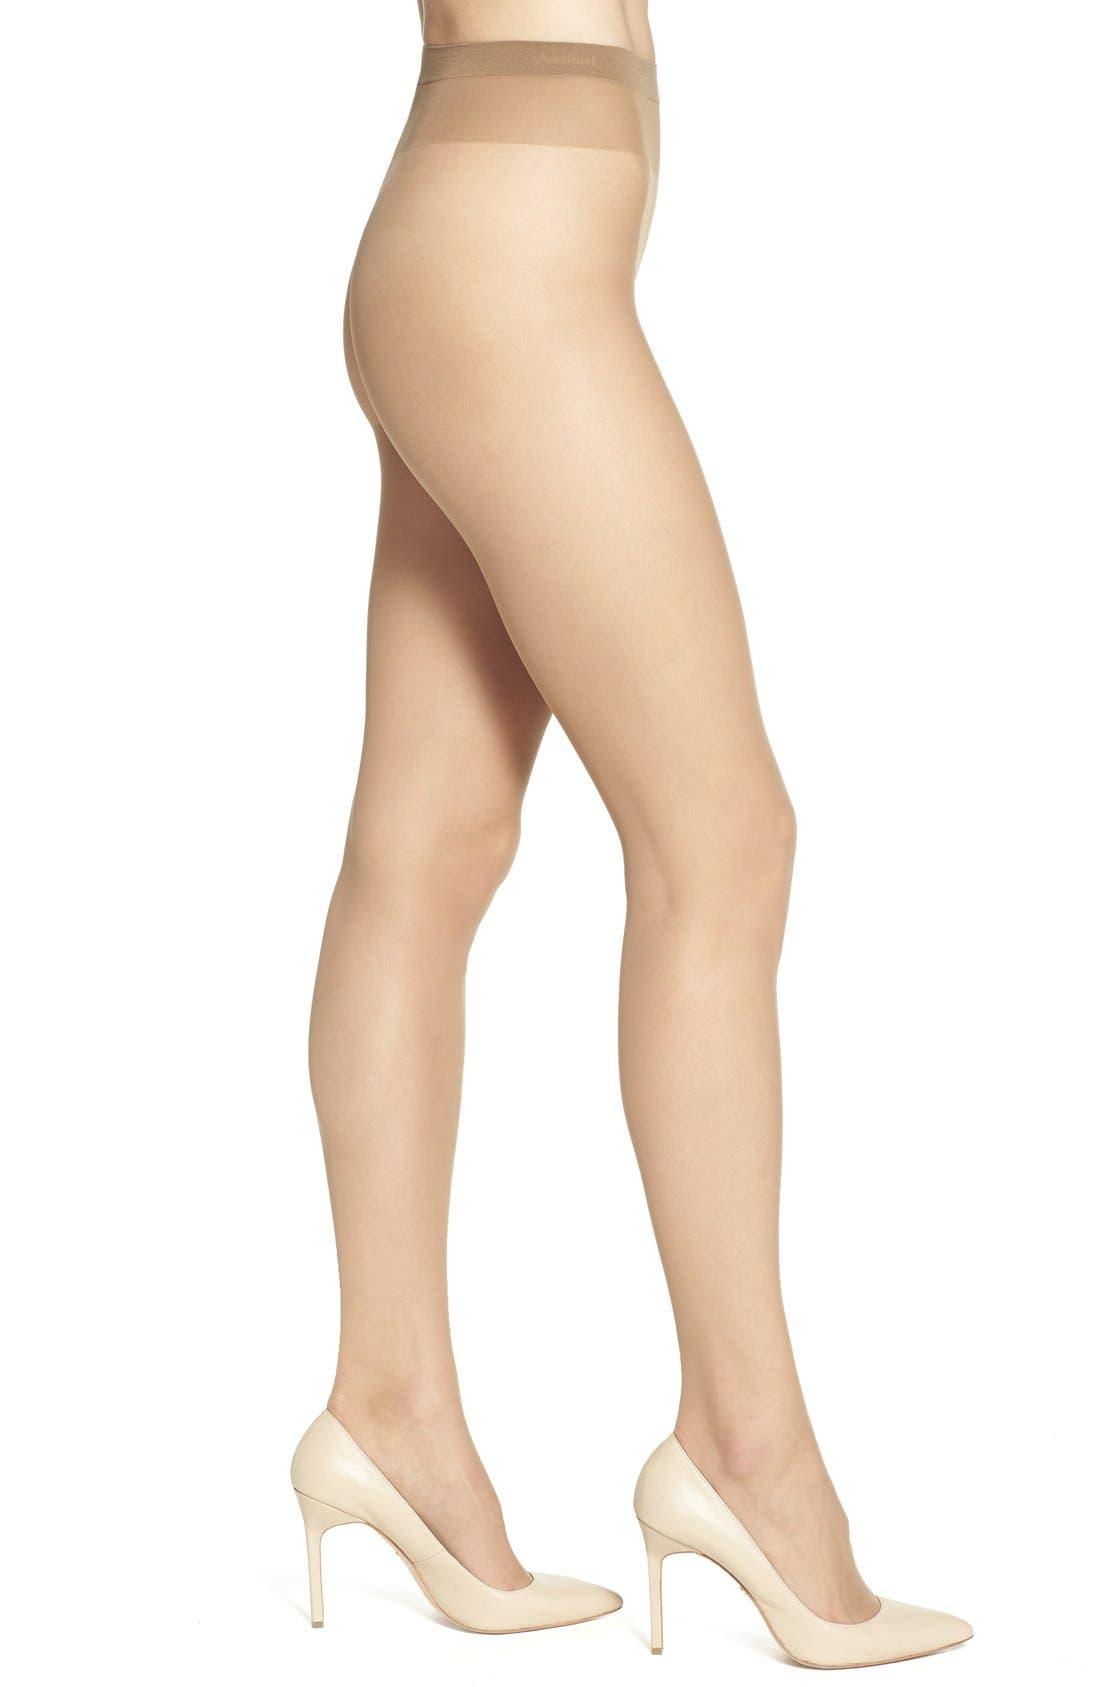 'Individual 10' Pantyhose,                         Main,                         color, Caramel